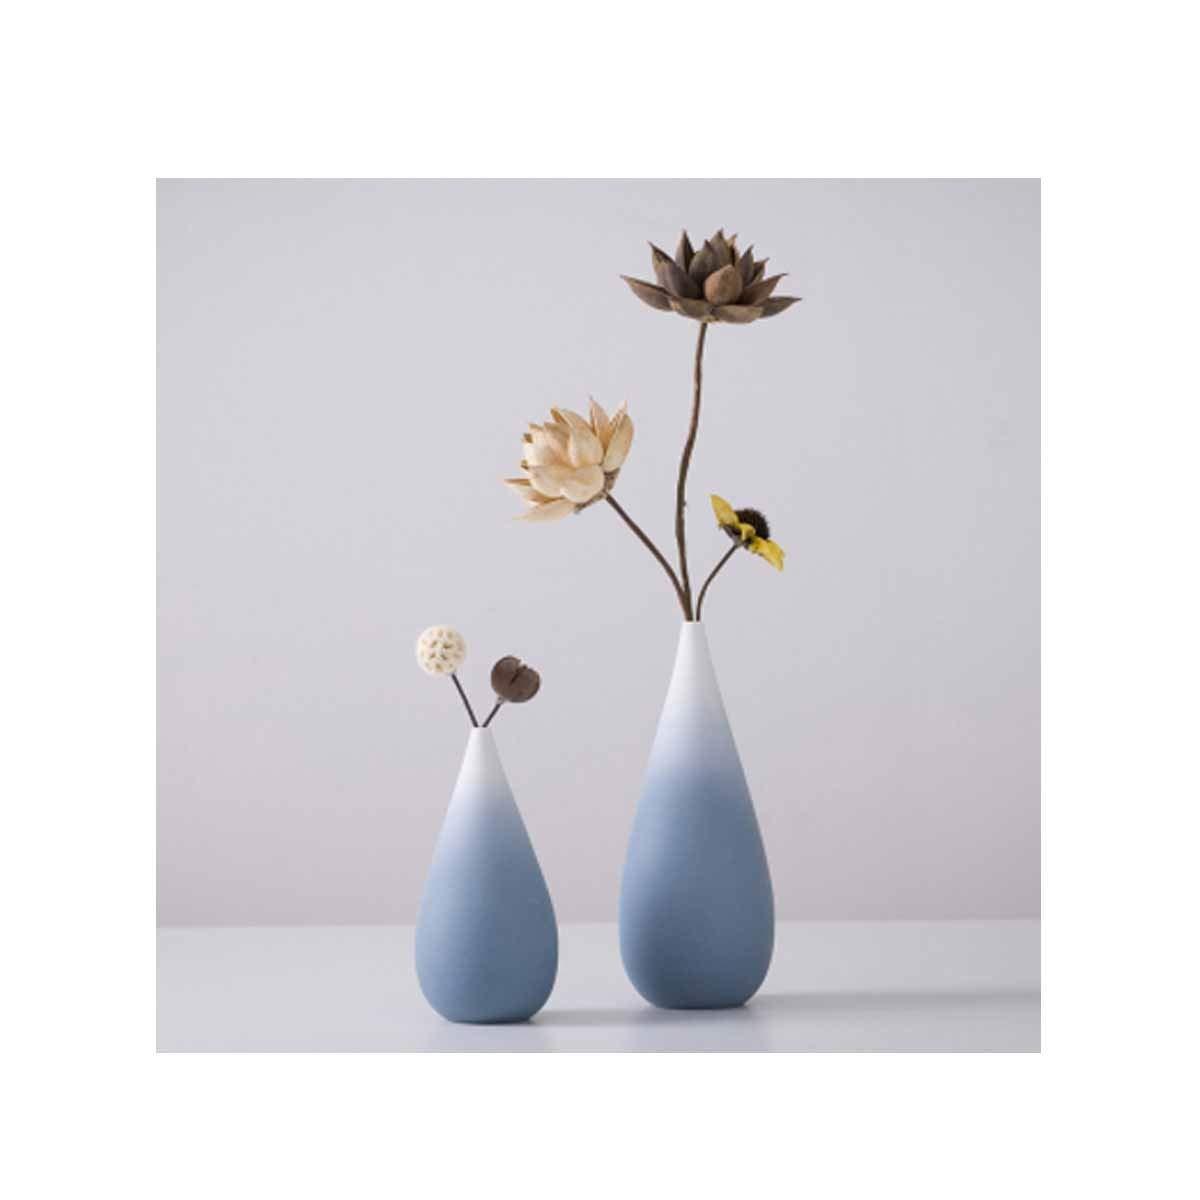 花瓶、ホームデコレーションセラミック花瓶、リビングルームオフィス北欧スタイルモダンミニマリスト新鮮な、ブルーキャリング花 (Color : Blue 1) B07RRXL8FN Blue 1